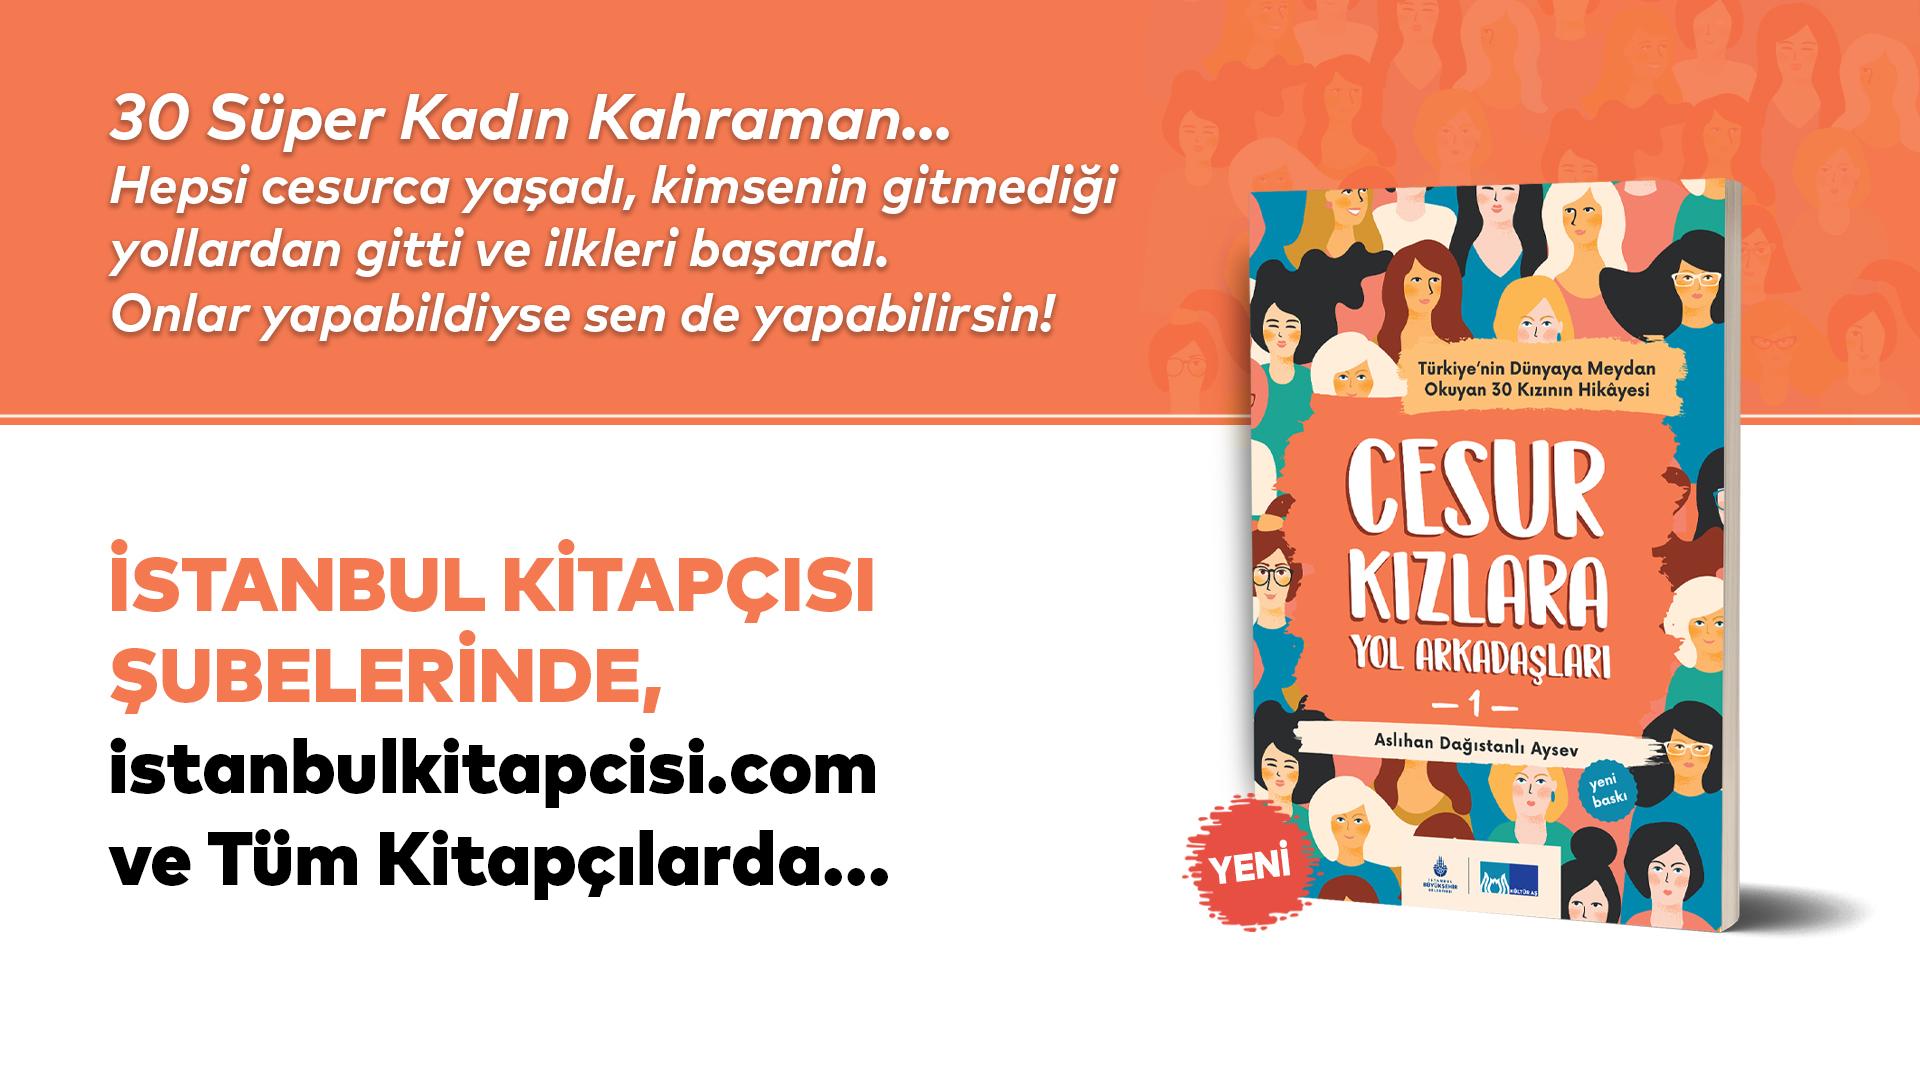 """""""Cesur Kızlara Yol Arkadaşları"""", Kültür AŞ'den çıktı"""